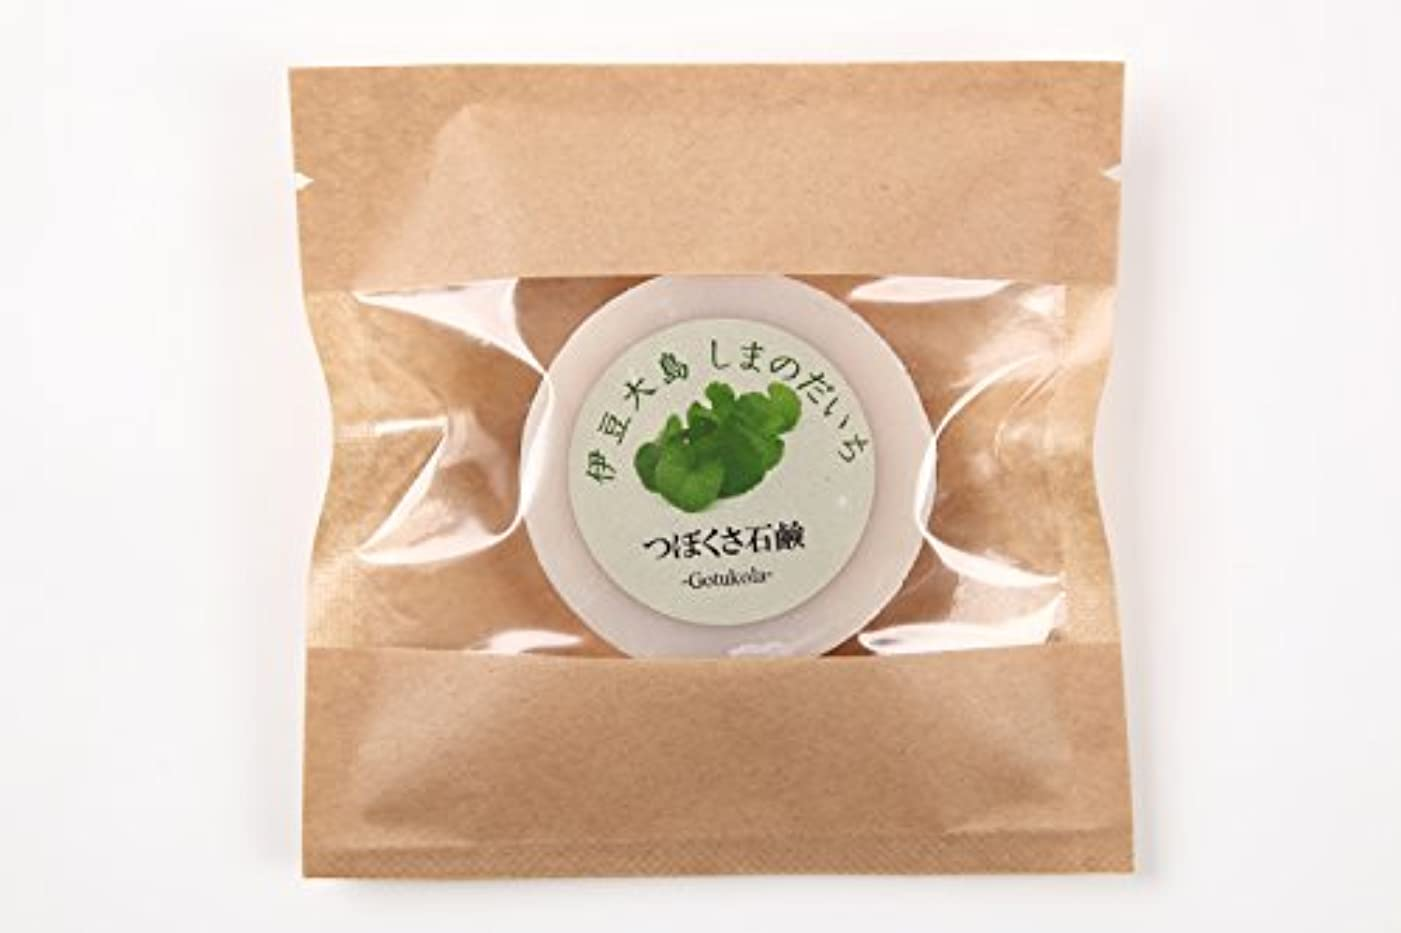 タックル自明メジャーツボクサ(ゴツコラ)の石鹸(伊豆大島産)